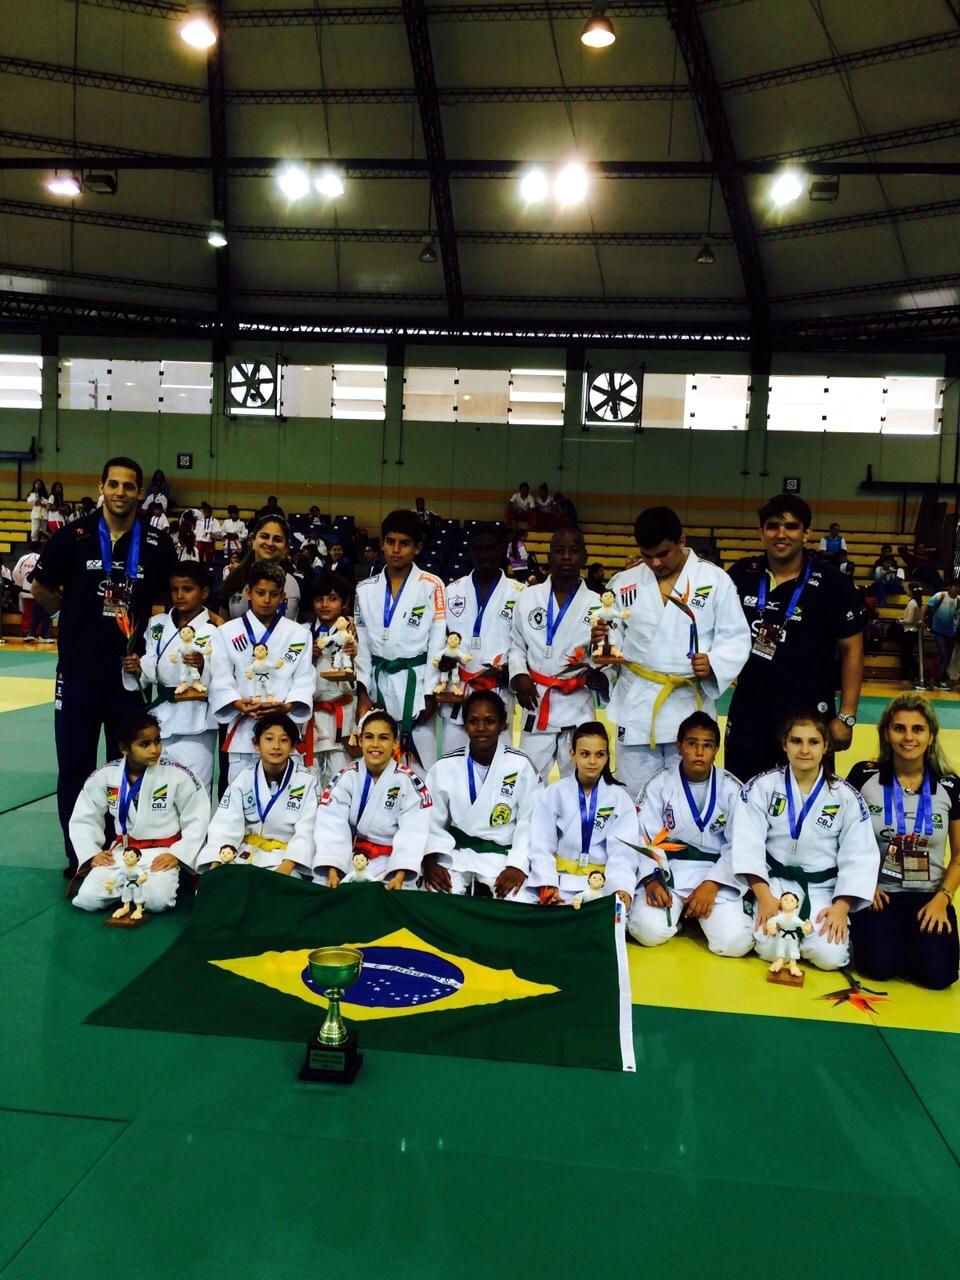 Finalistas do Campeonato Sul-Americano de Judô, que ocorreu no Peru.